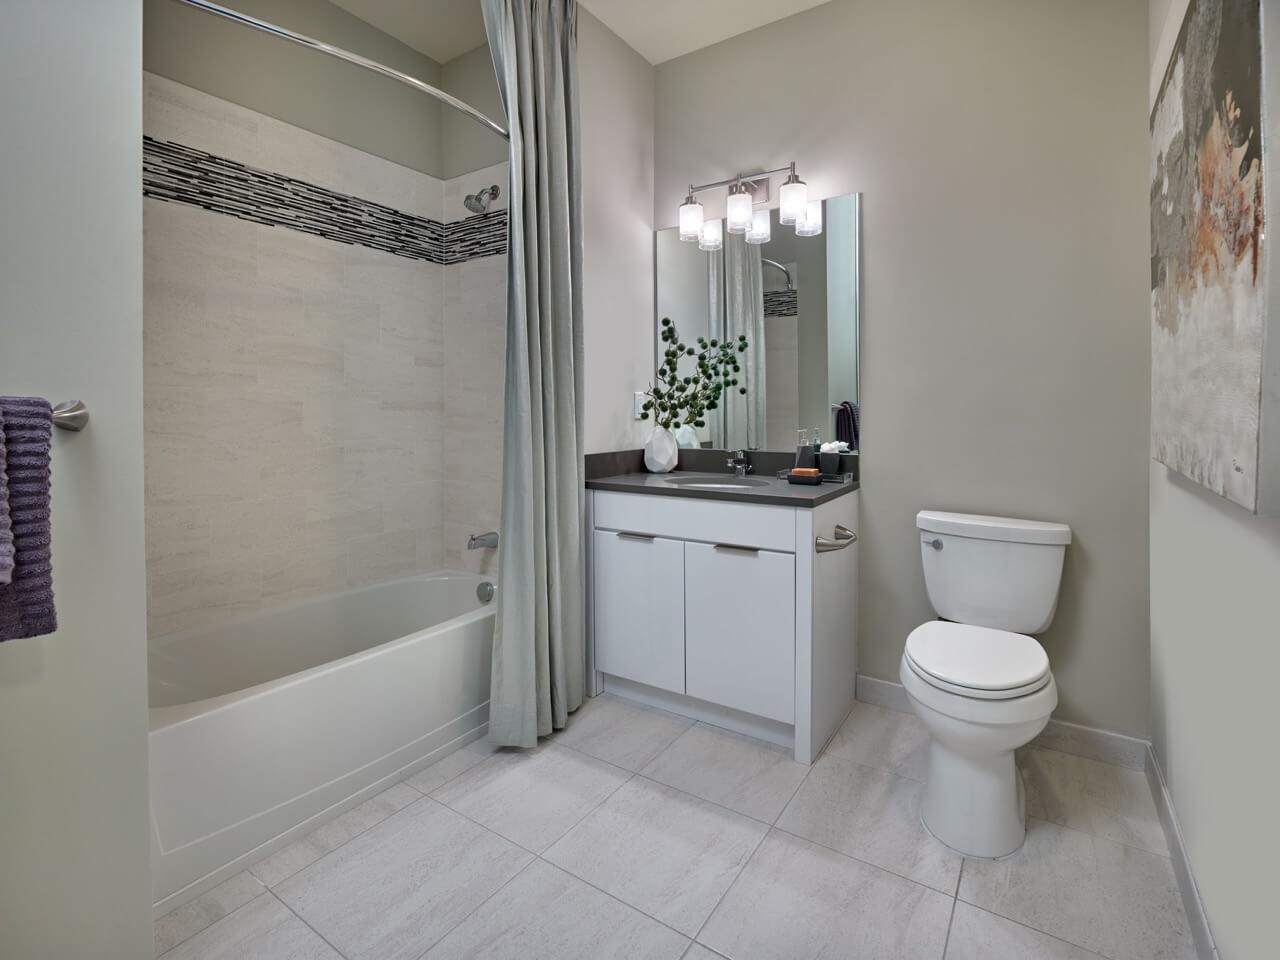 residence slider image 5